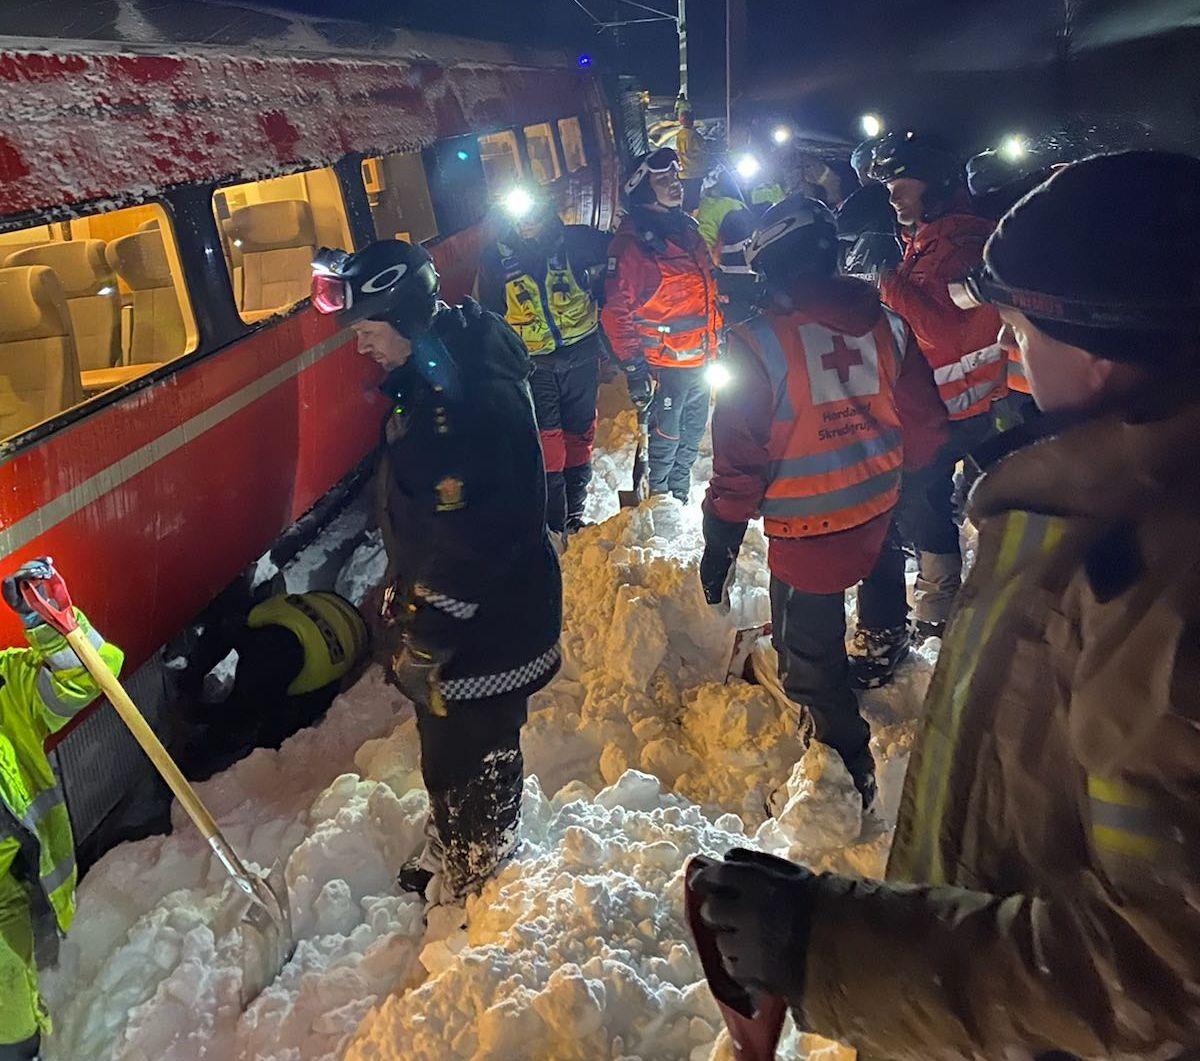 Passasjertog kjørte inn i skred på Bergensbanen